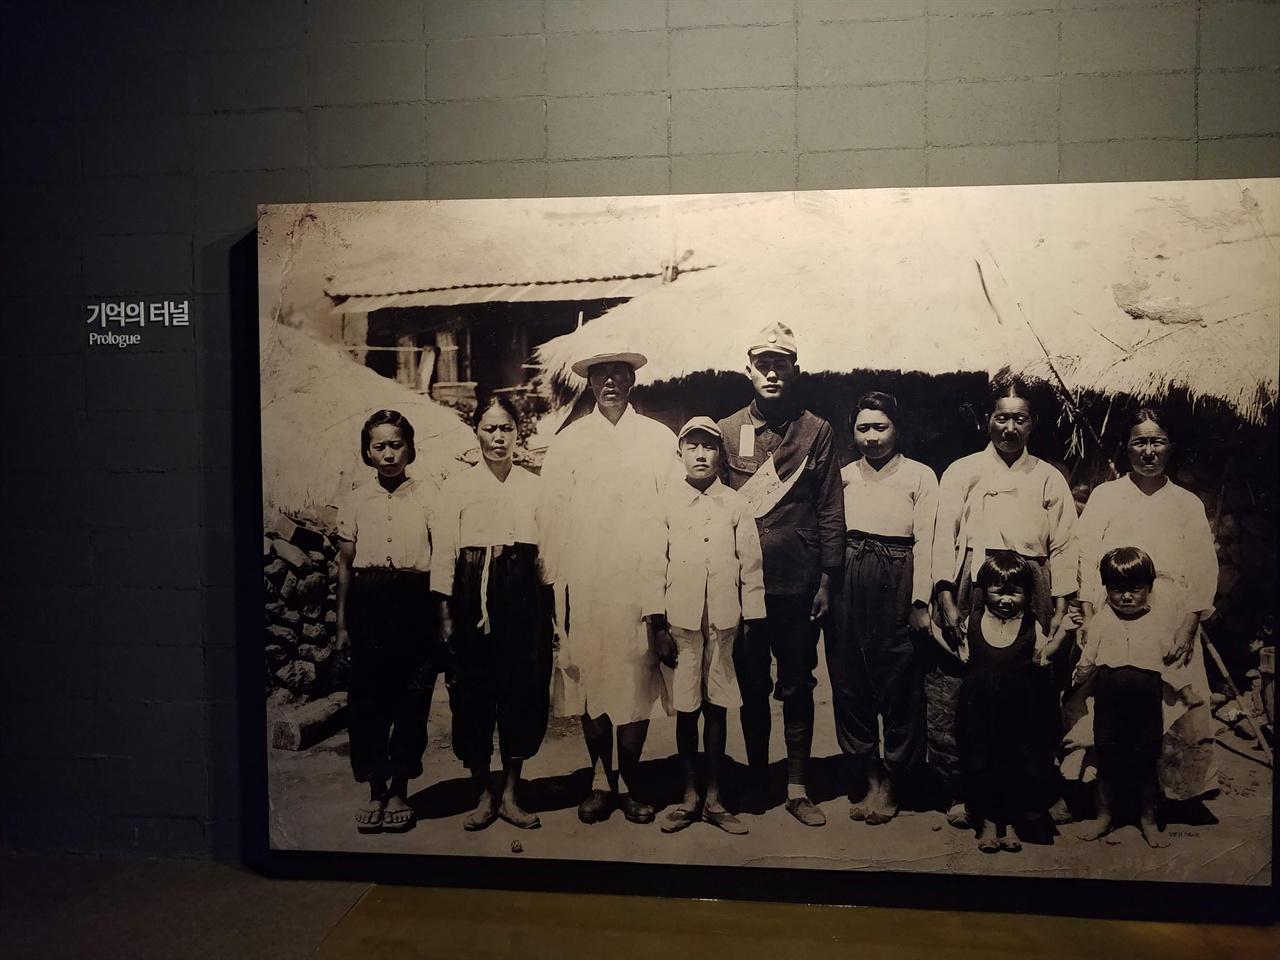 상설전시실의 첫 전시물, 식민지 조선의 한 가족사진 상설전시실에 들어오면 가장 먼저 보이는 사진이다. 3대가 함께 한 이 사진에서 중간에 있는 청년은 군복을 입고 있다.